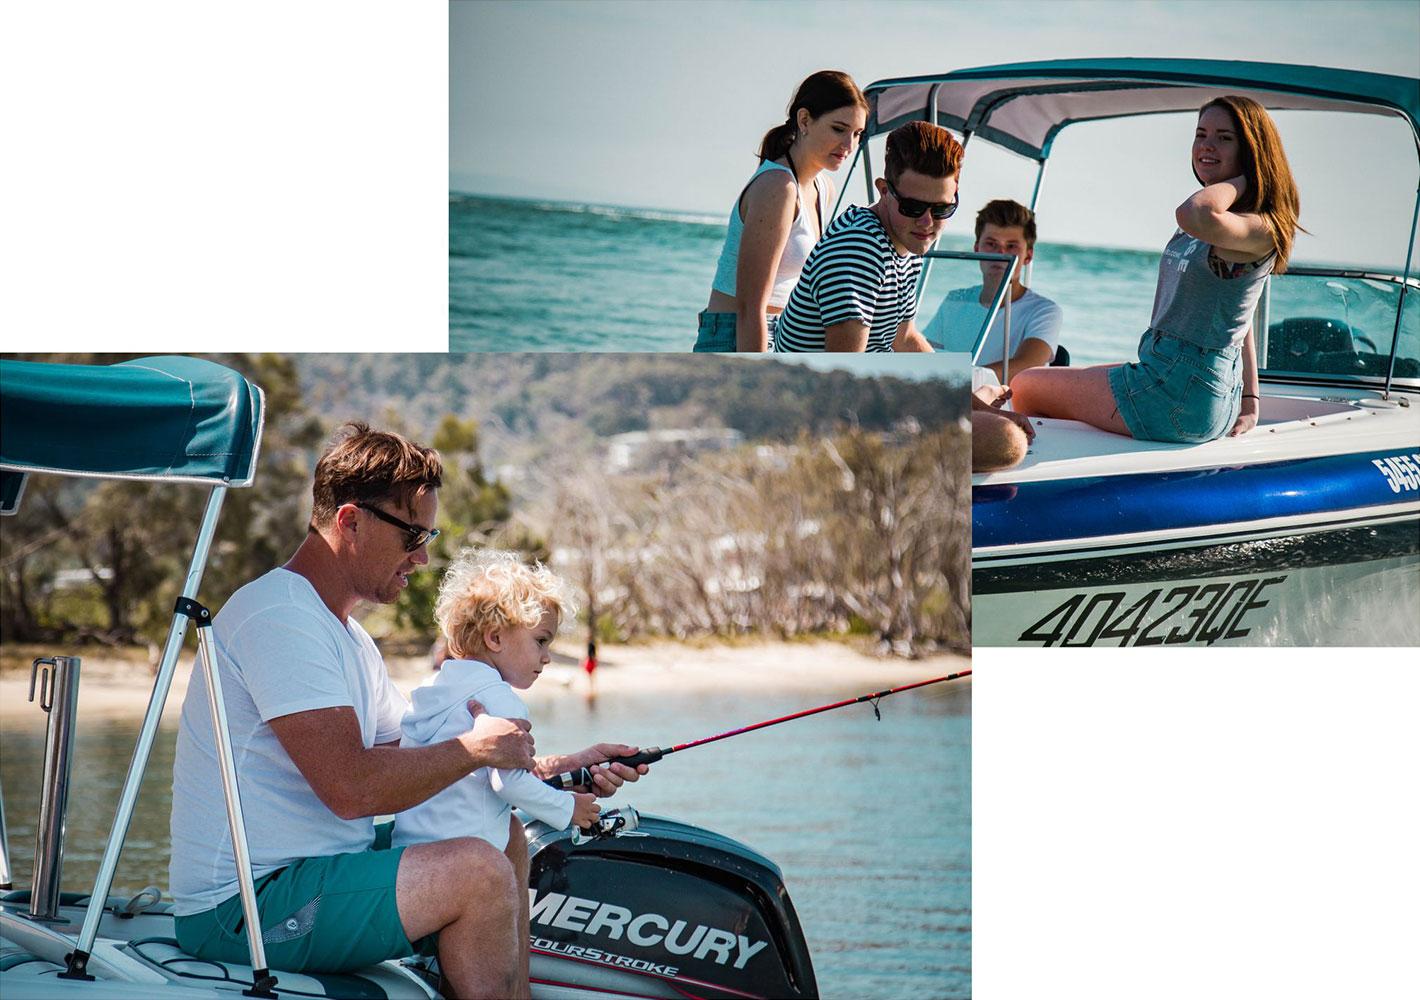 Boat hire activities